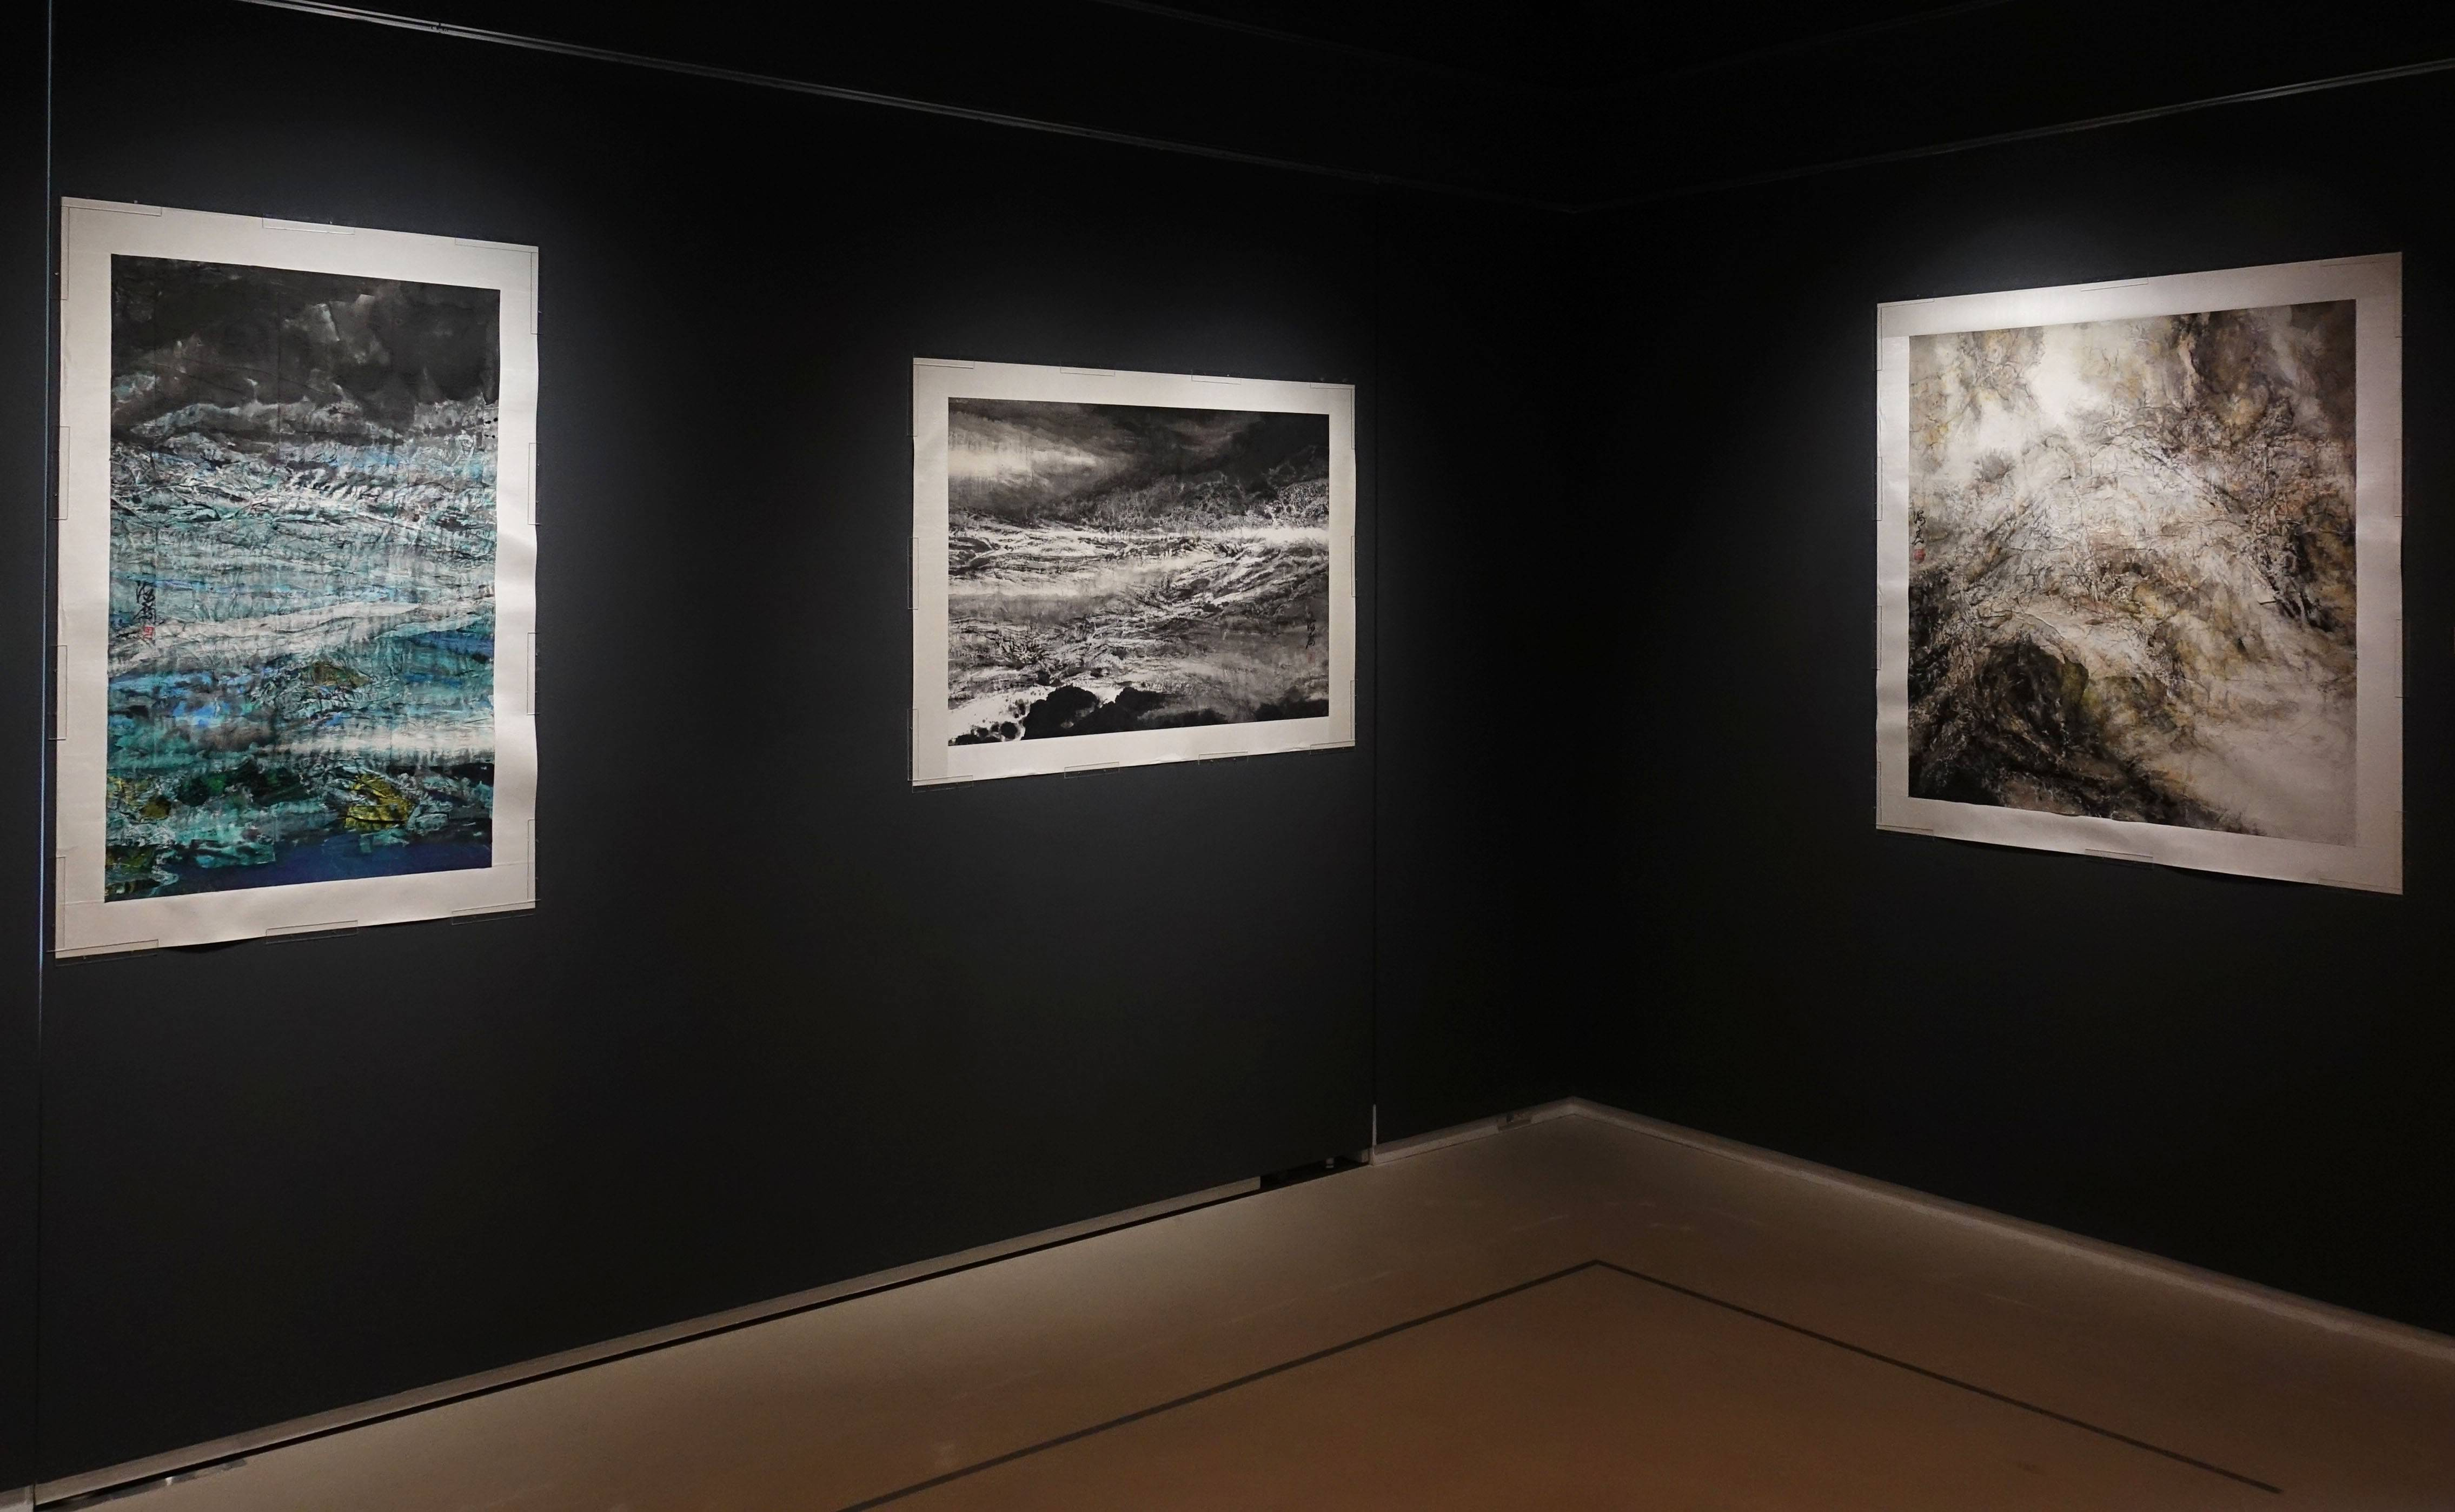 藝術家蔡海鷹作品於大觀藝術空間二樓展出。